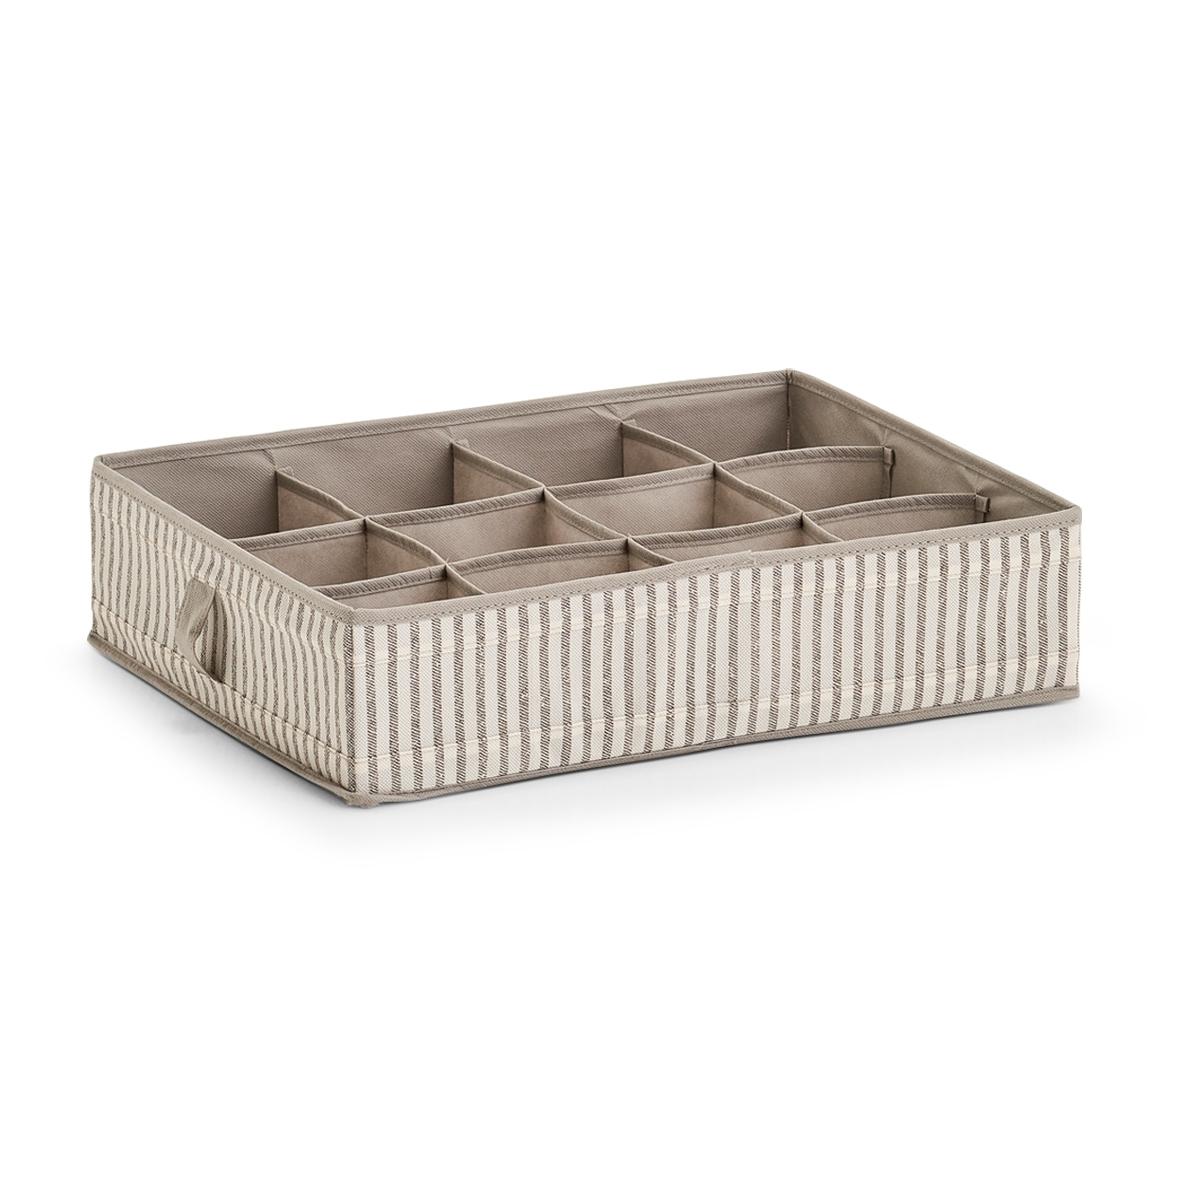 Organizator textil pentru sertar cu 12 compartimente, Bej Stripes, l44xA34xH11 cm imagine